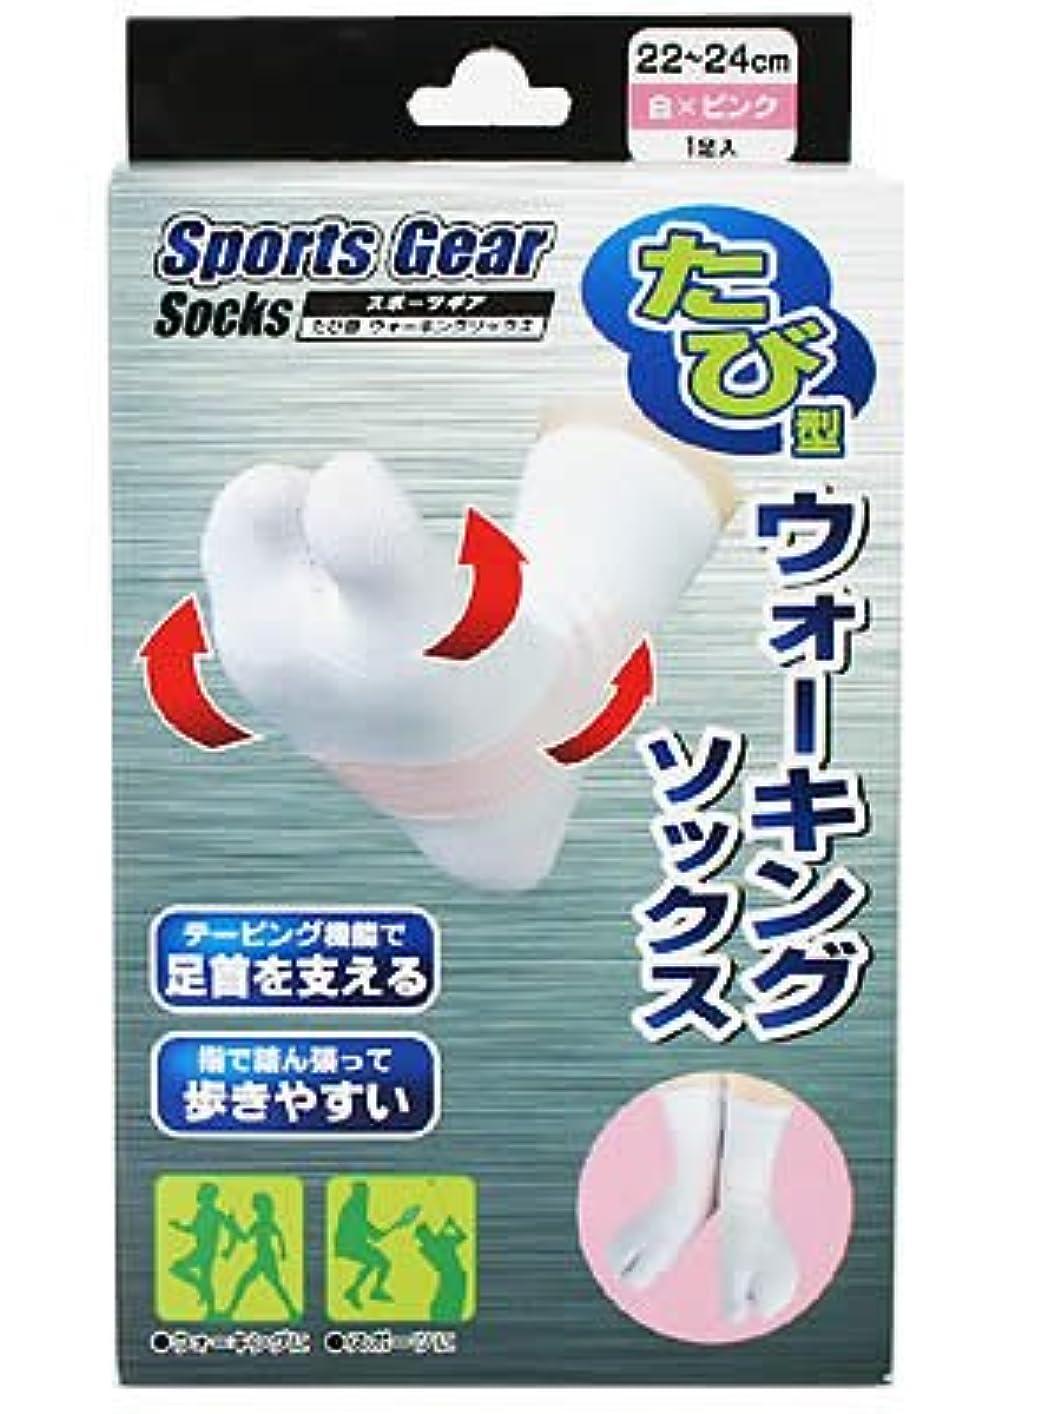 トレーニングダーベビルのテス悩むスポーツギア たび型 ウォーキングソックス 22~24cm 白×ピンク